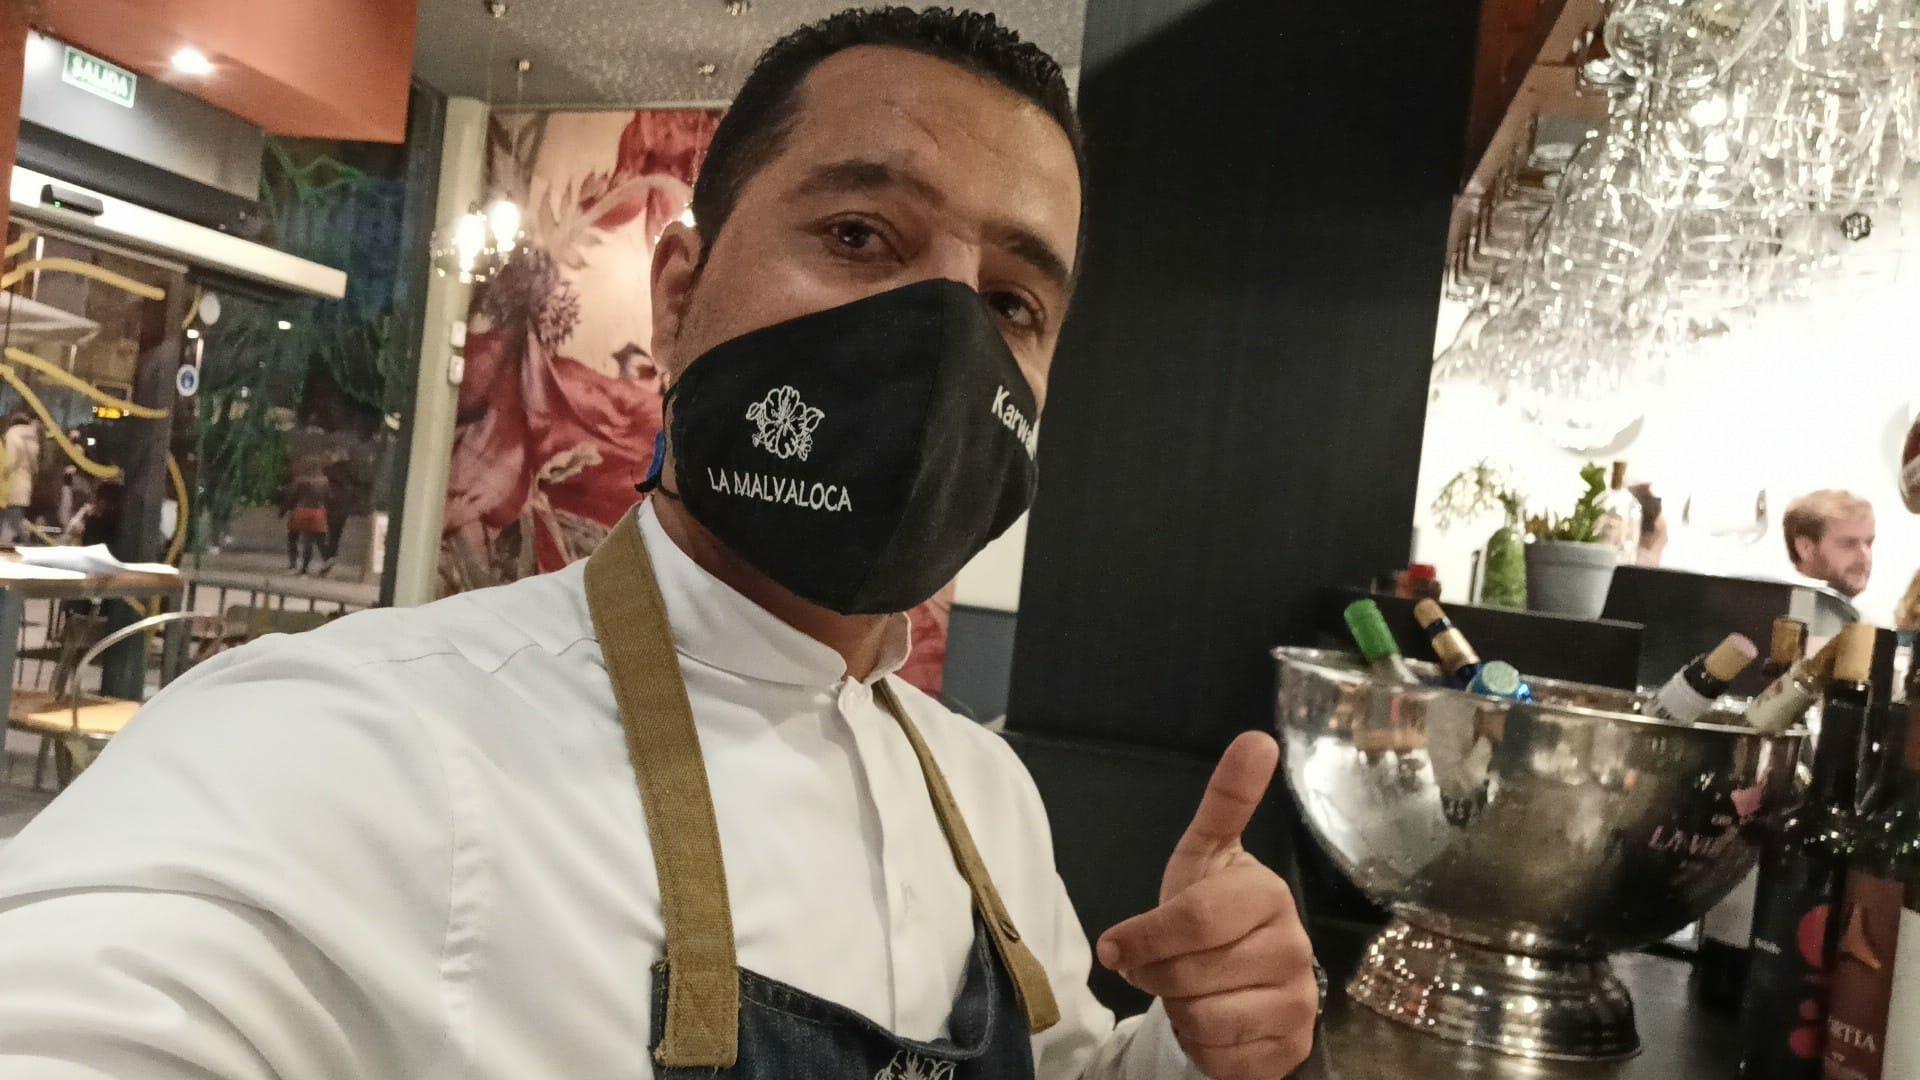 Karwan en su actual vida como camarero en Sevilla - Sputnik Mundo, 1920, 23.08.2021